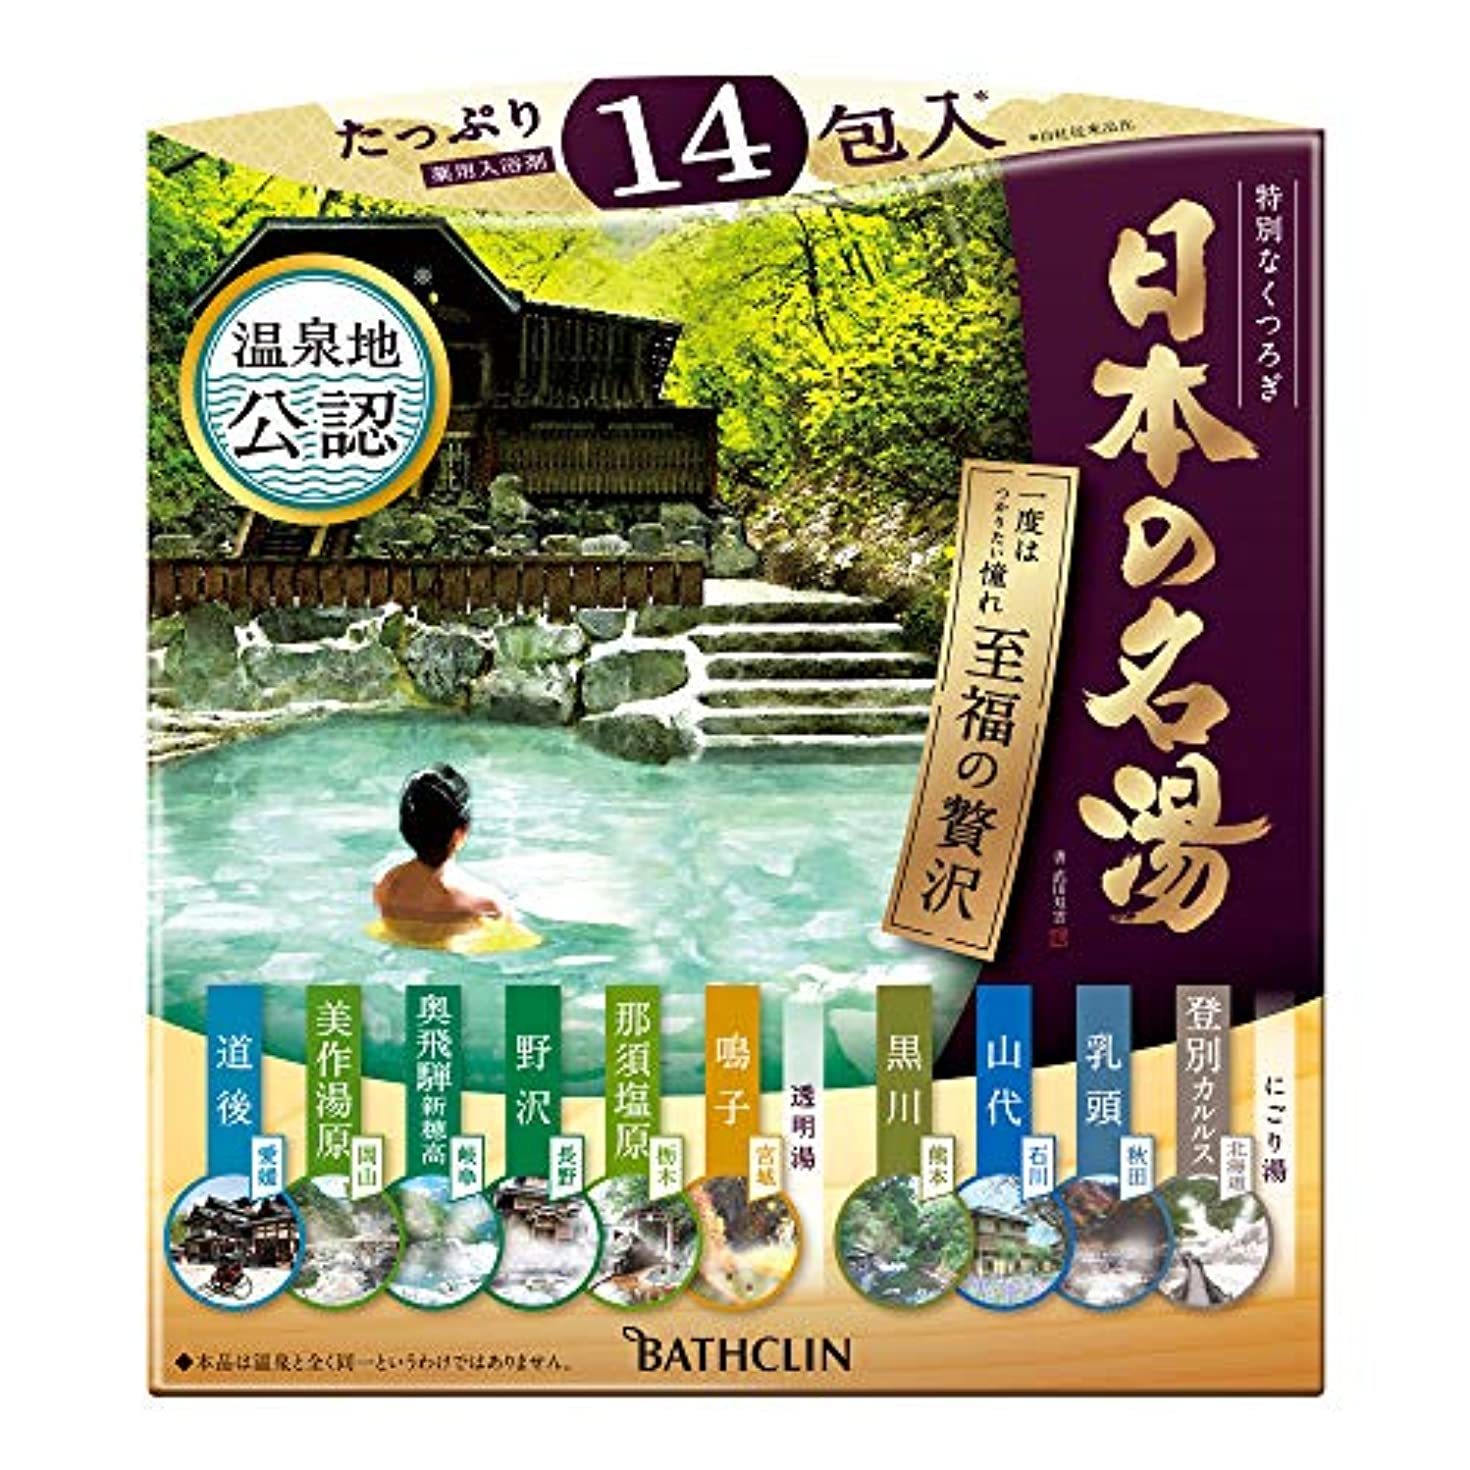 バングラデシュ過去バーマド日本の名湯 至福の贅沢 入浴剤 色と香りで情緒を表現した温泉タイプ入浴剤 セット 30g×14包